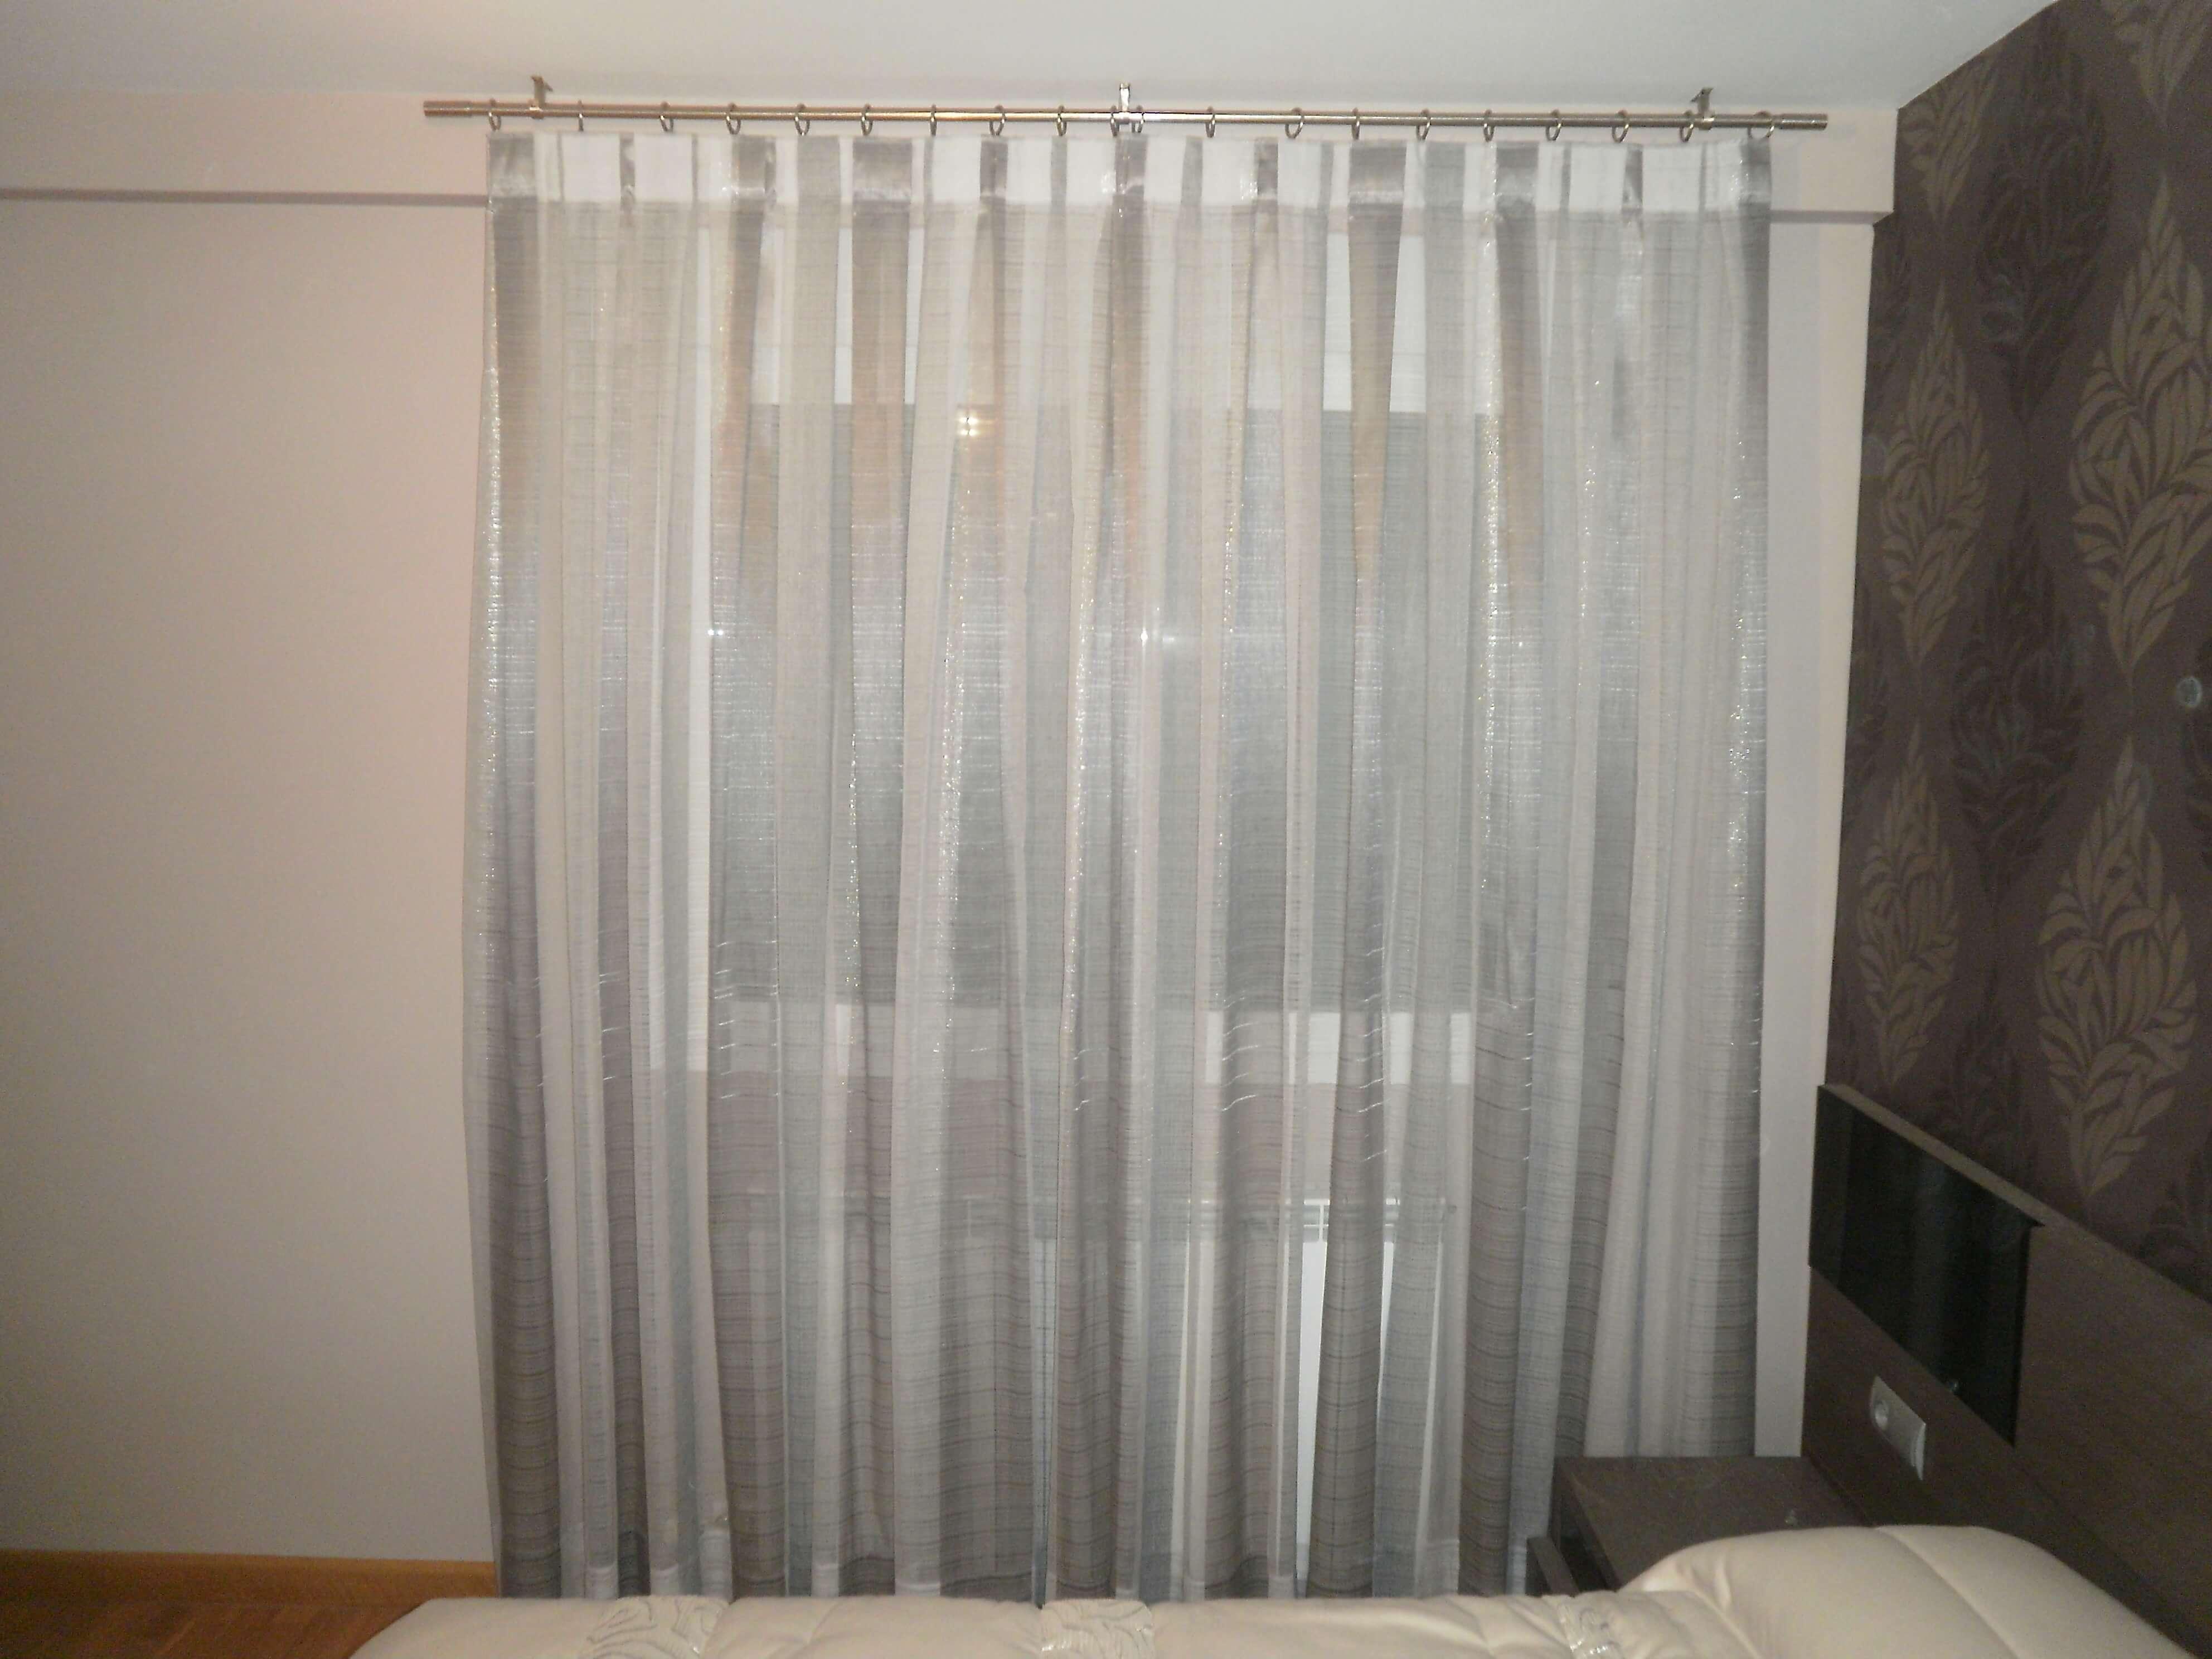 Moda cortinas cortinas amazing cortinas tvoli en color - Ultima moda en cortinas ...